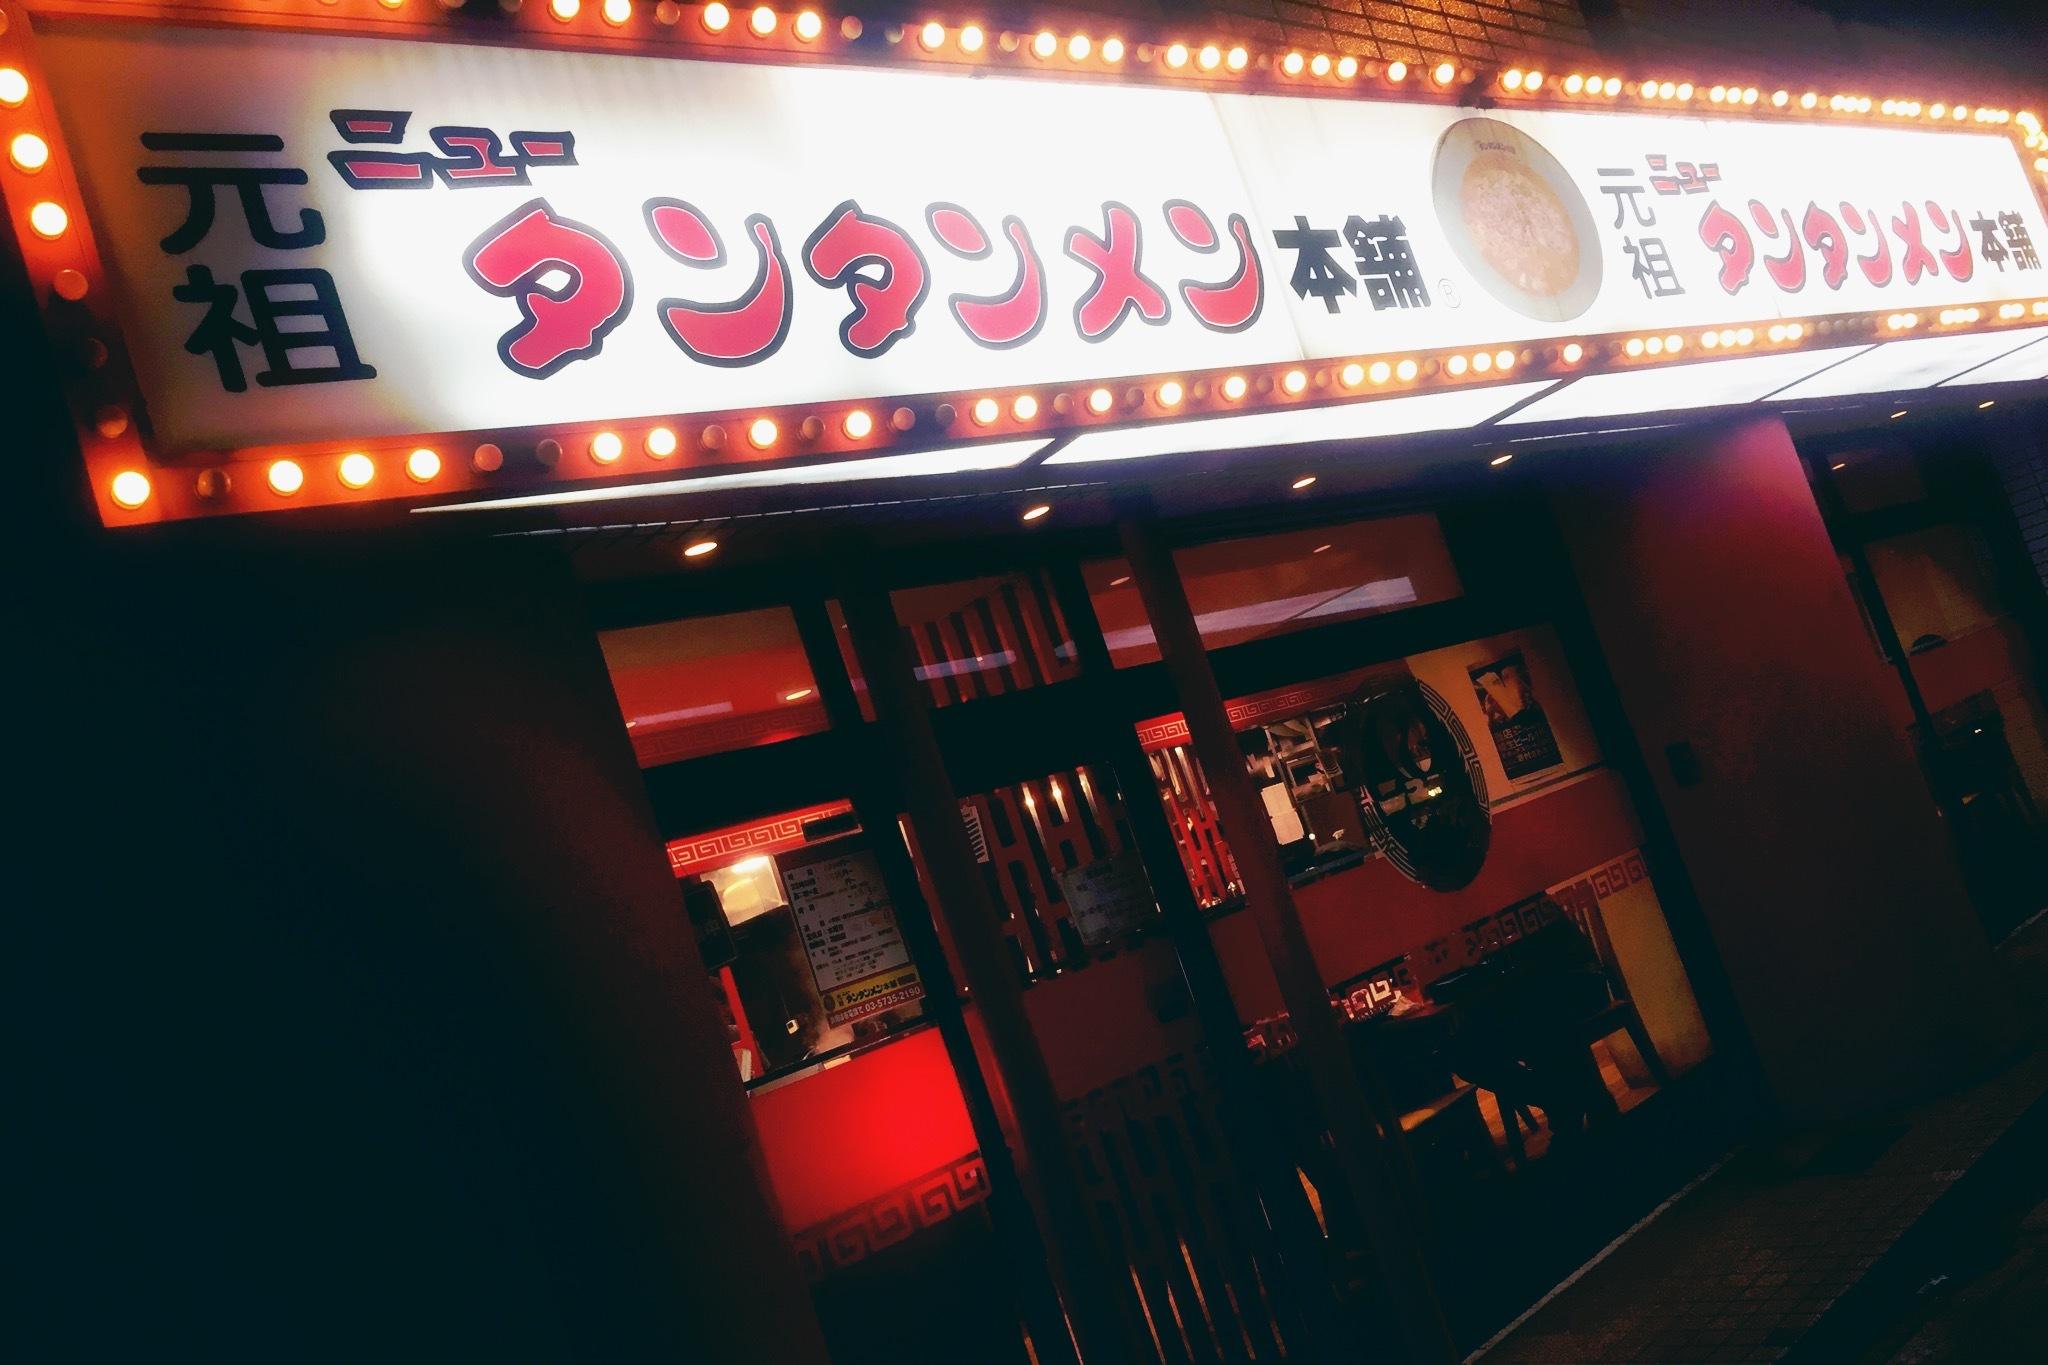 【比較】宮崎「辛麺」と川崎「元祖ニュータンタンメン」の近似値_b0008655_19121413.jpg